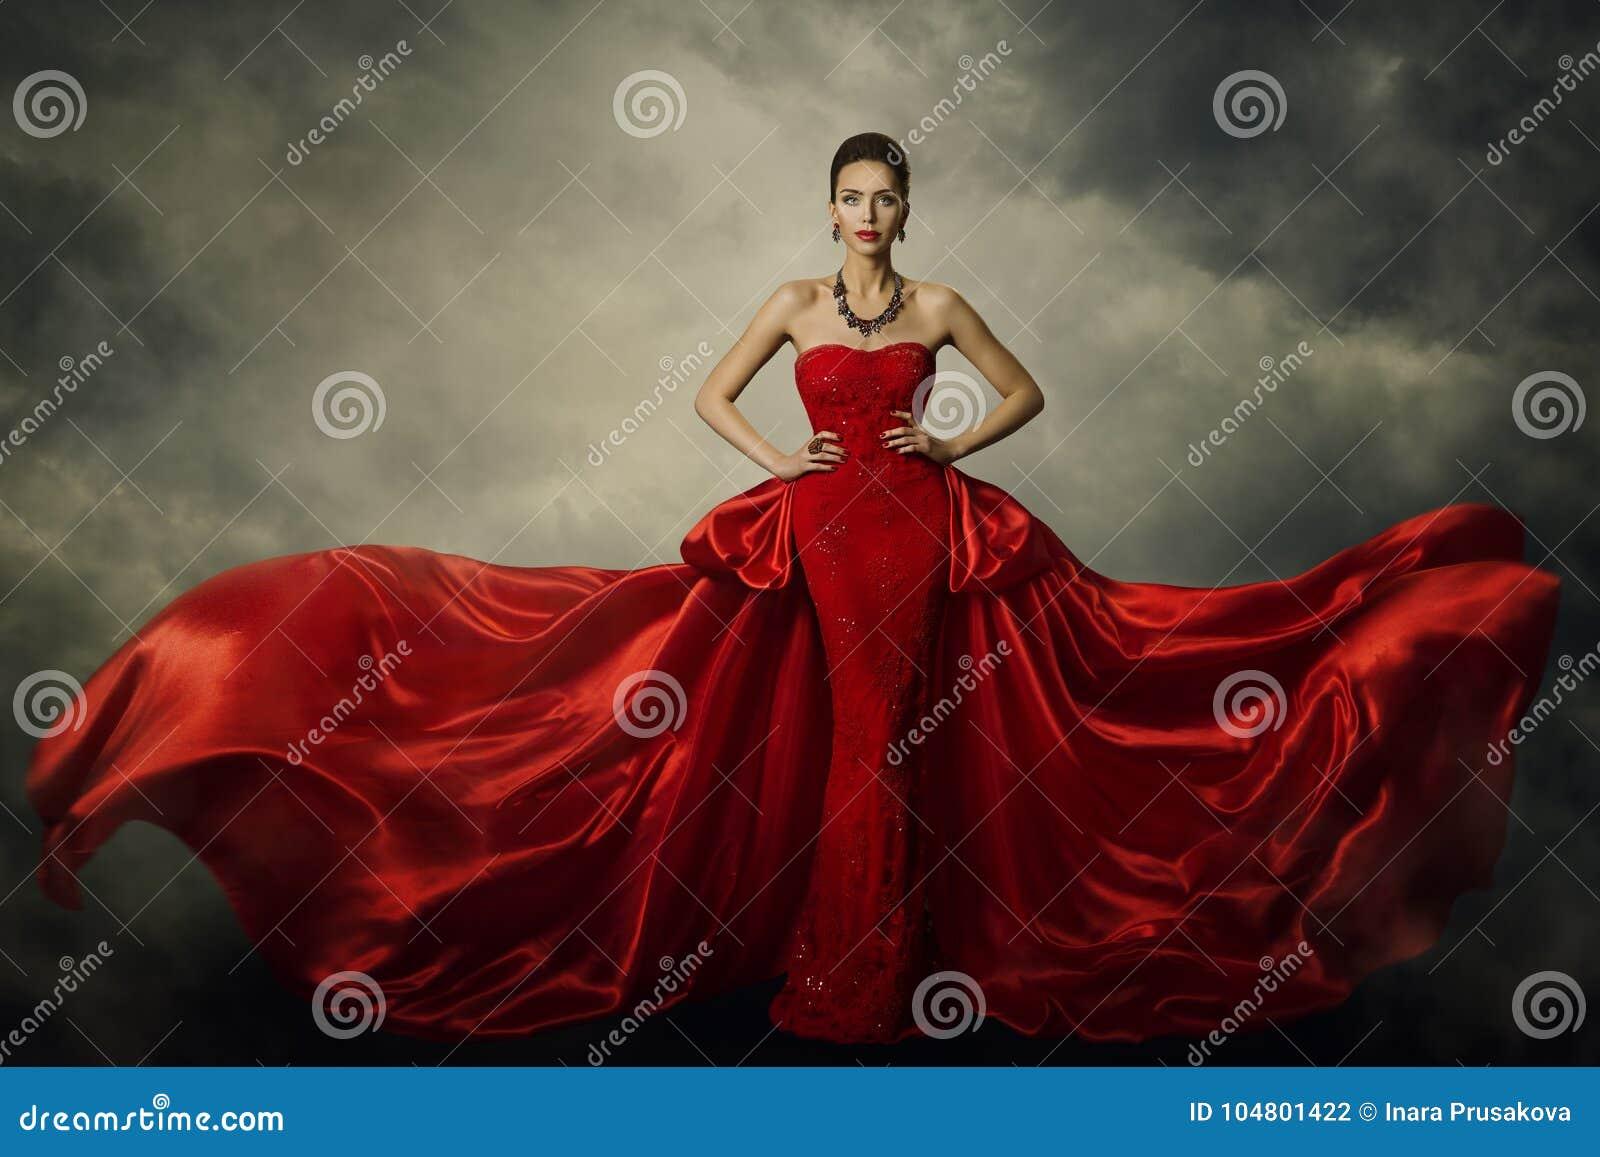 Платье искусства фотомодели, мантия элегантной женщины красная ретро